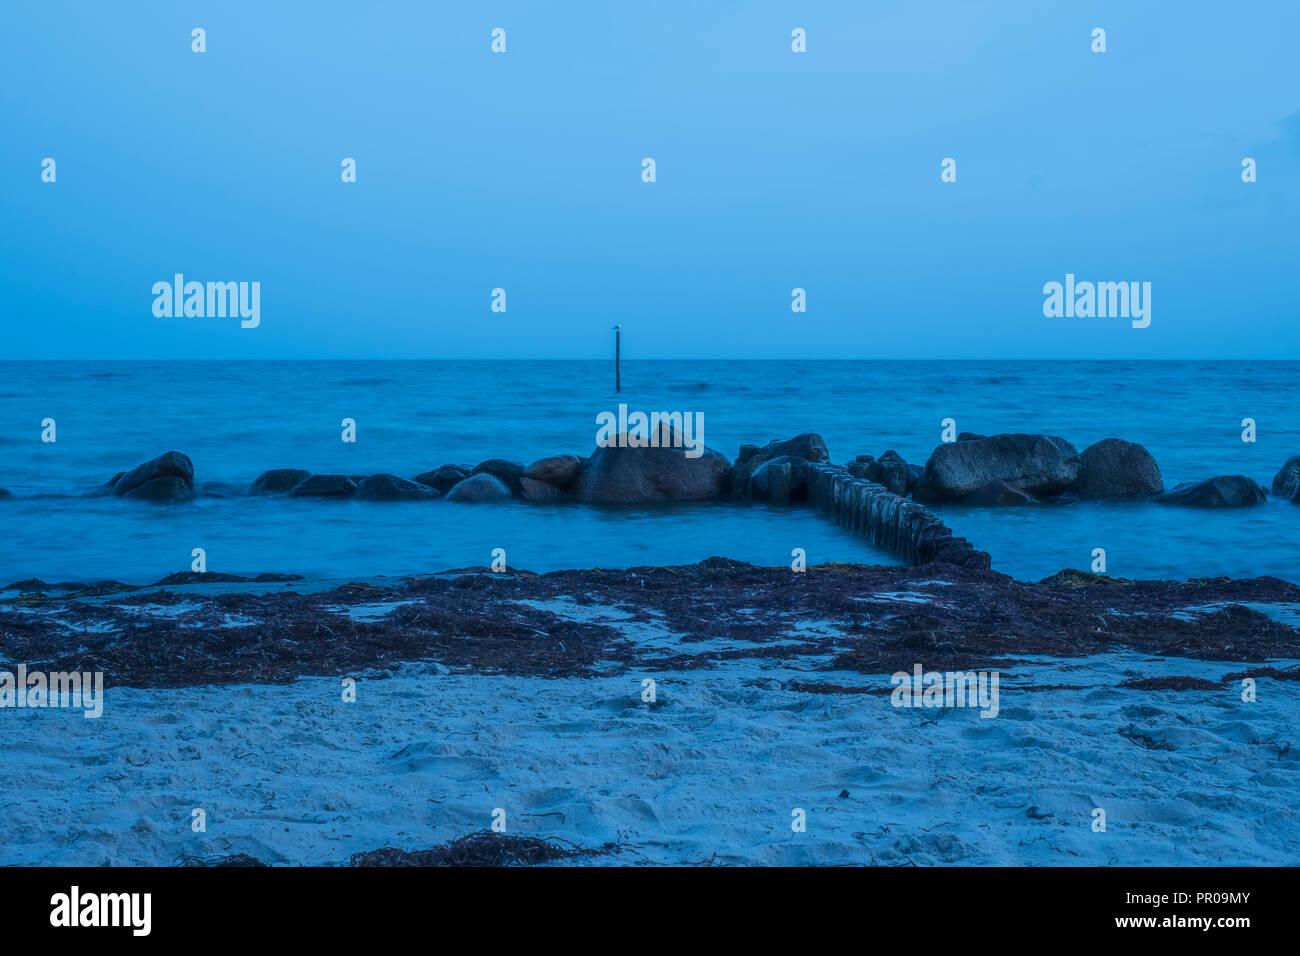 Felsen am Ufer in bläuliche milchiges Wasser nach Sonnenuntergang während der Blauen Stunde bei Rabylille Strand, Insel Mön, Dänemark, Skandinavien, Europa. Stockbild